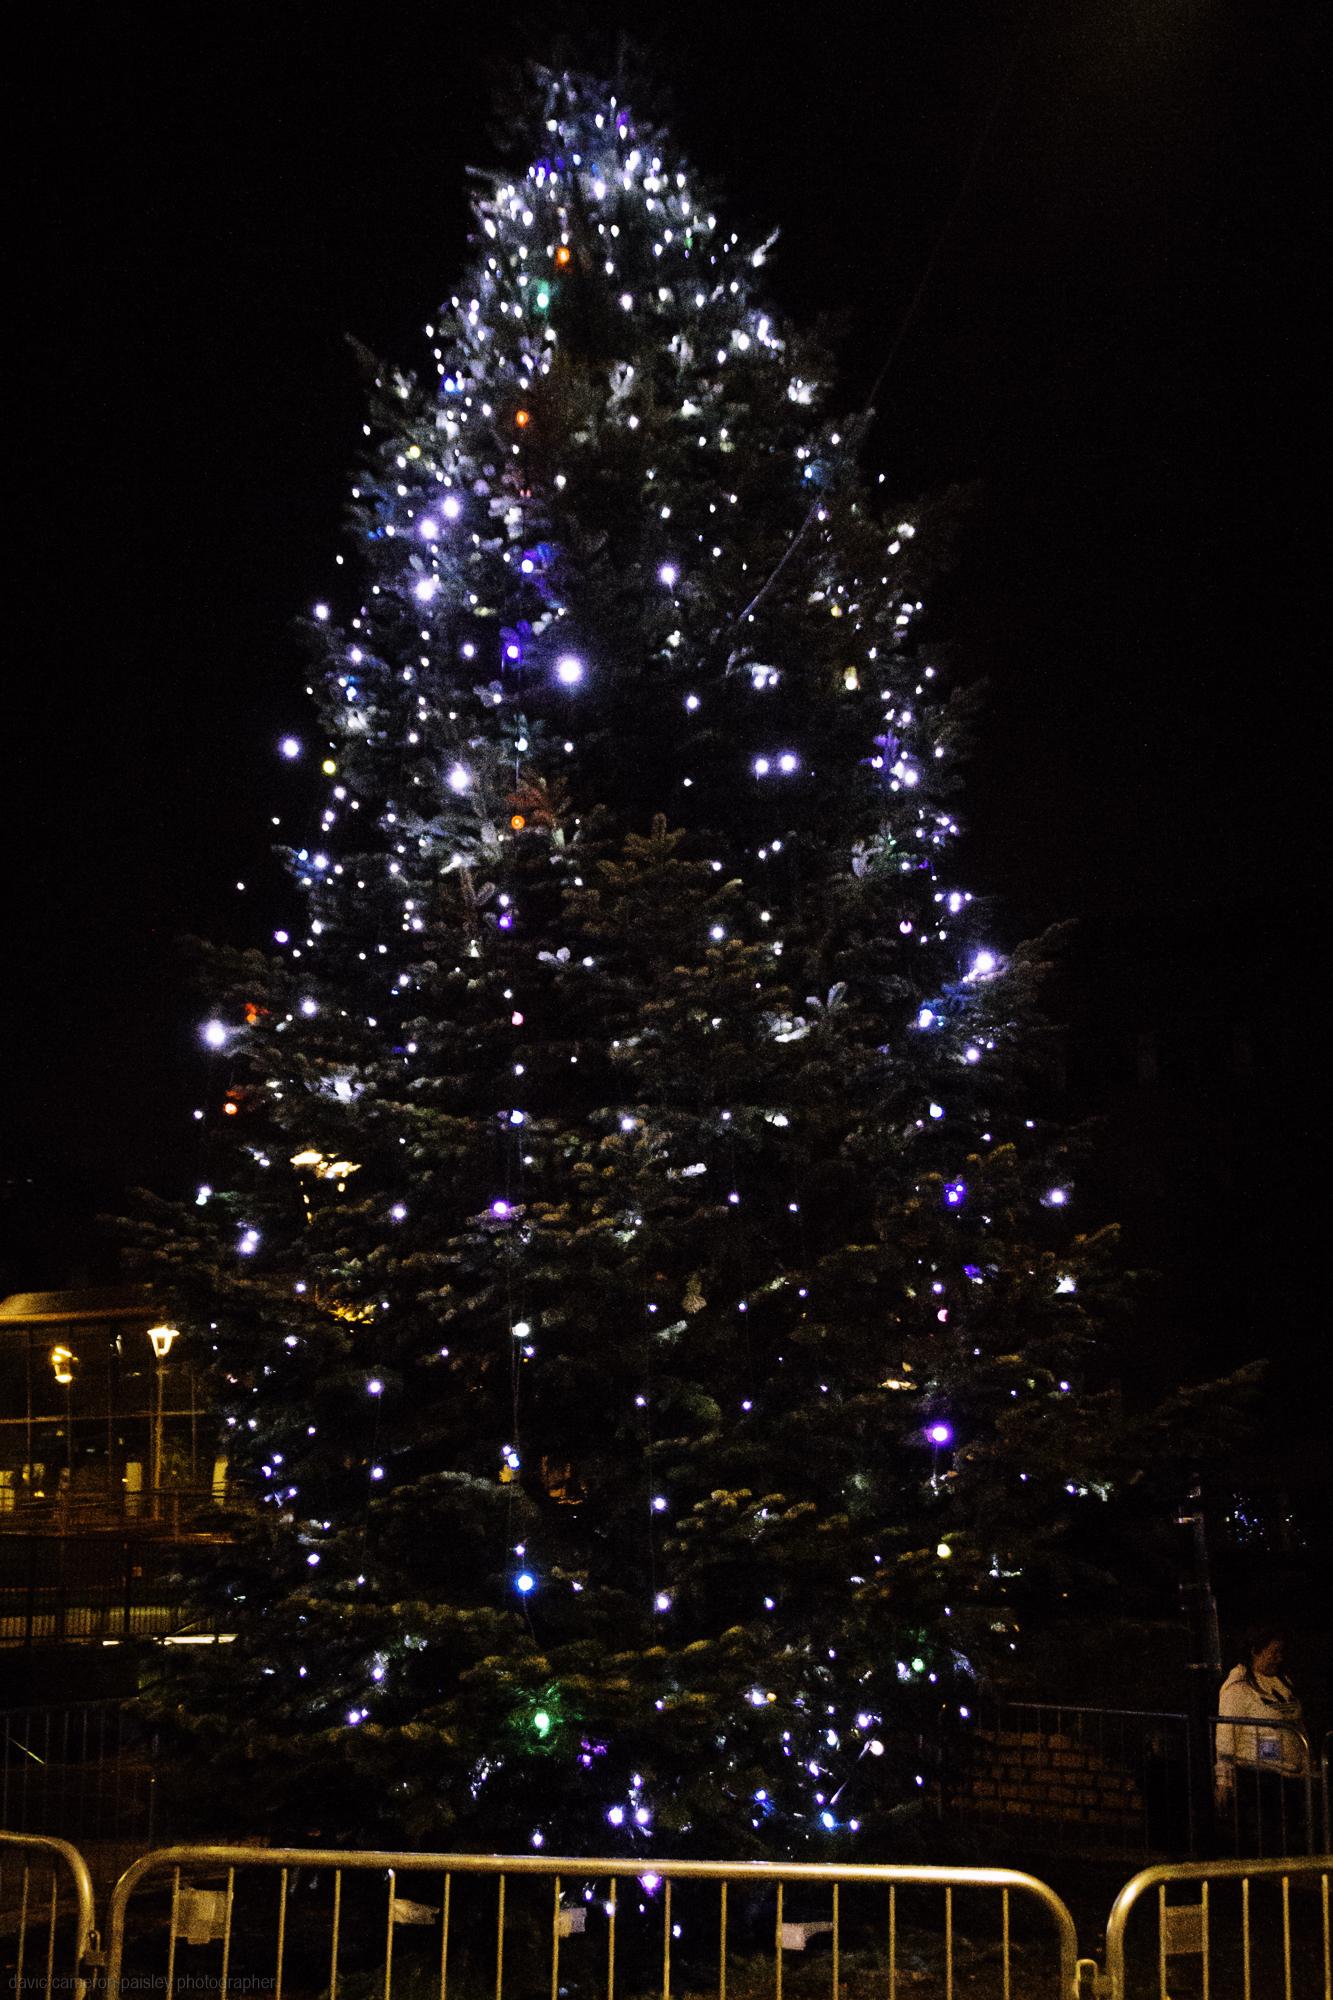 paisley christmas lights photograohs 2018